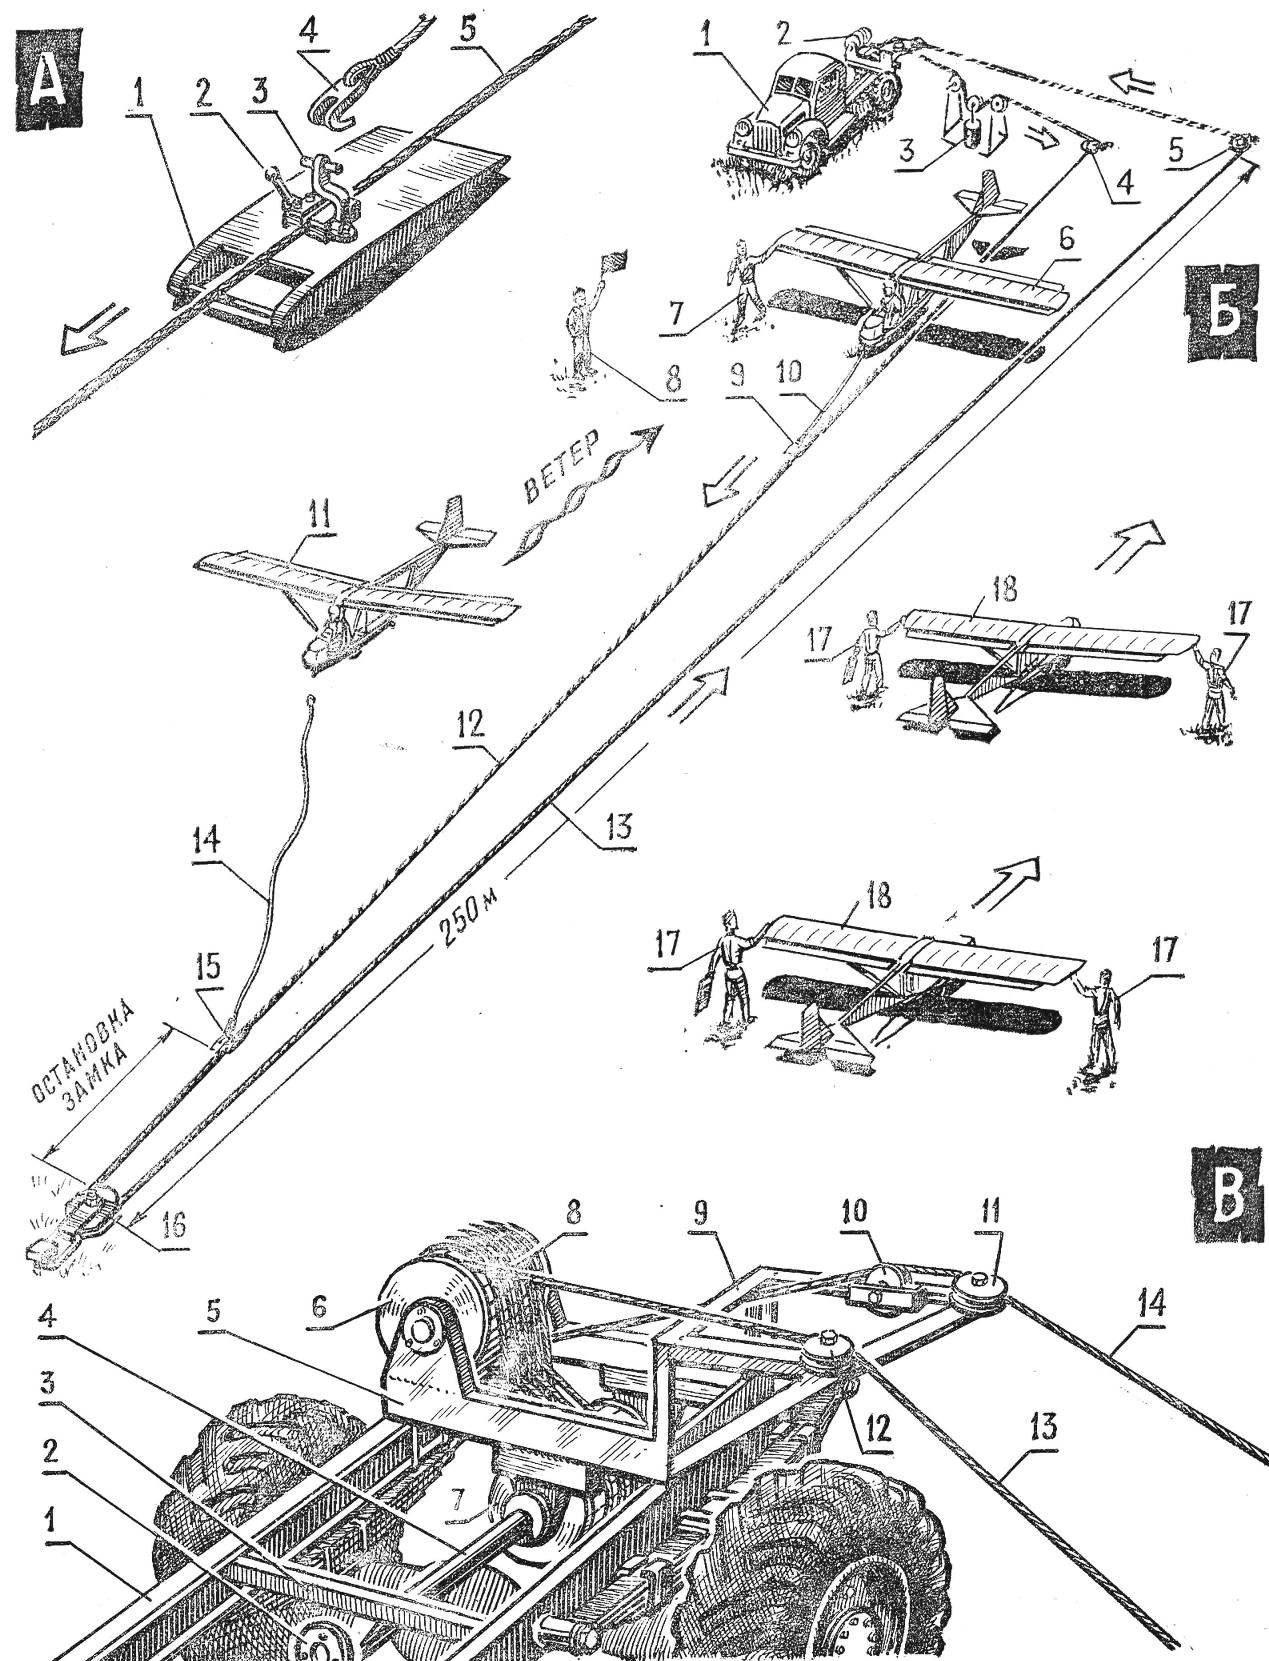 Рис. 1. Общее расположение лебедки для запуска планеров на старте и ее детали